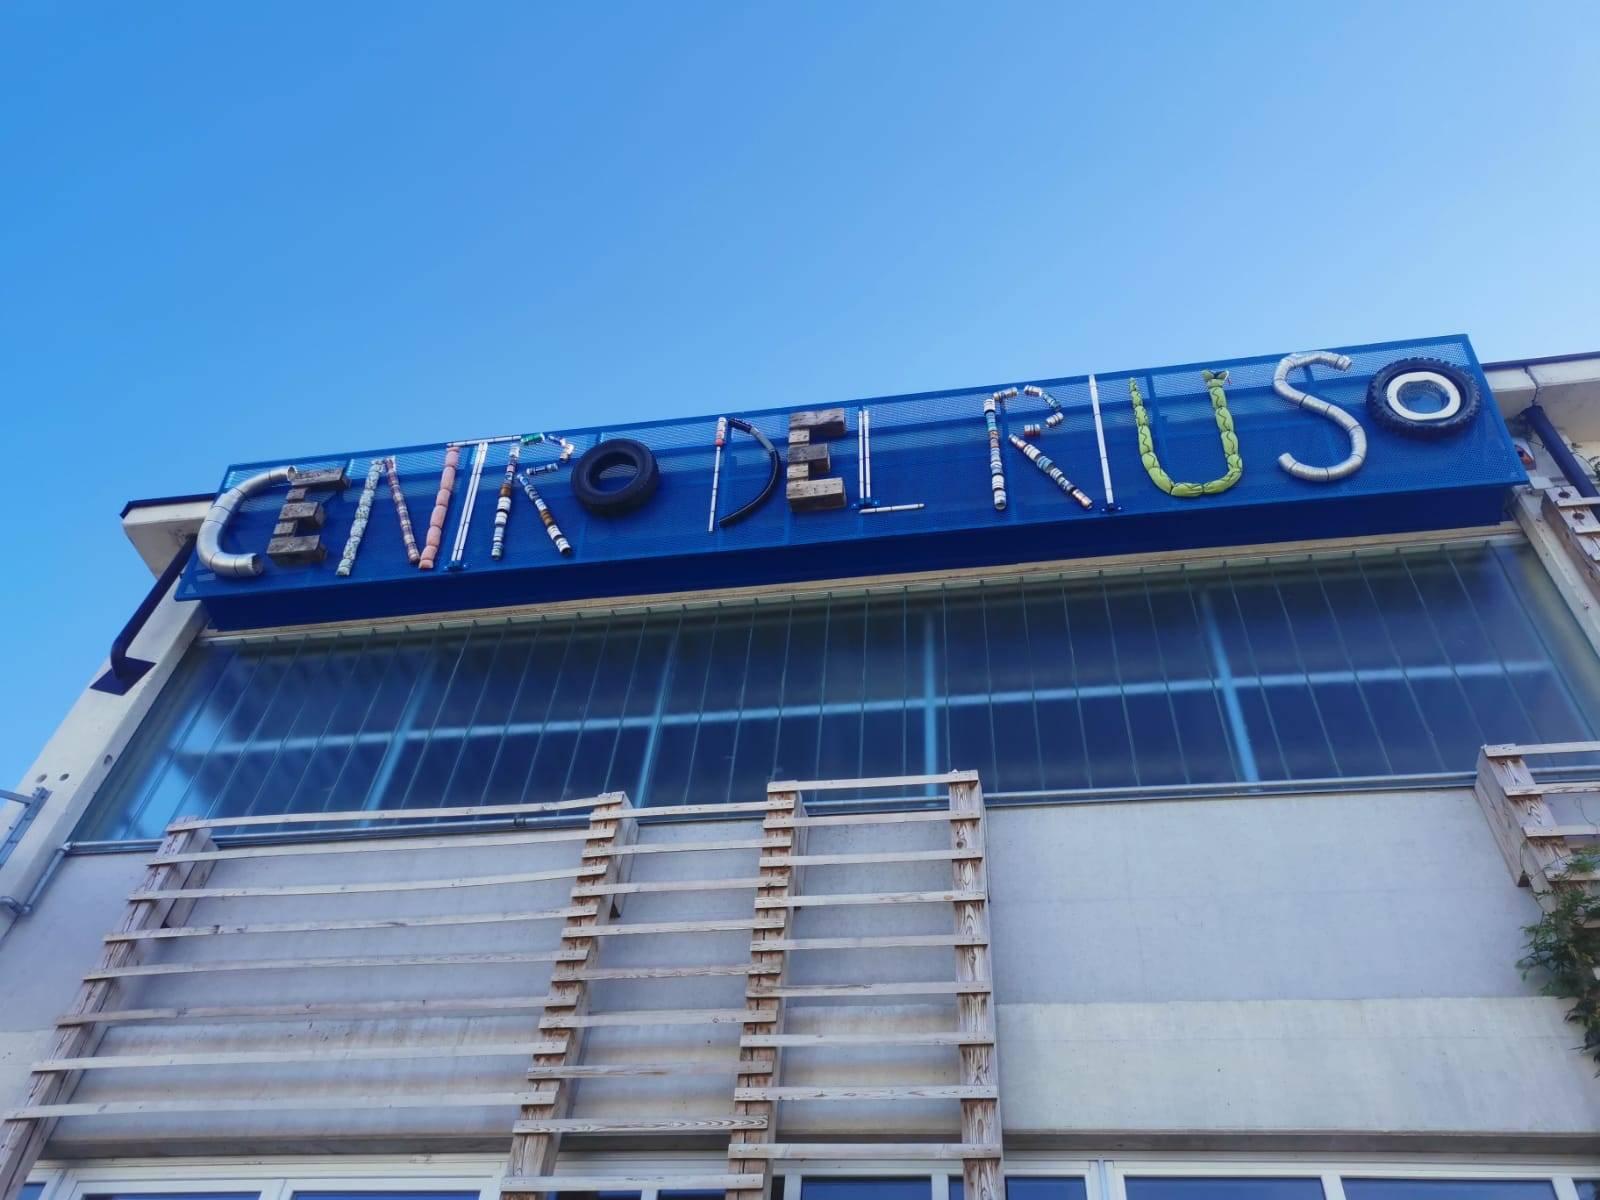 ingresso_centro_riuso